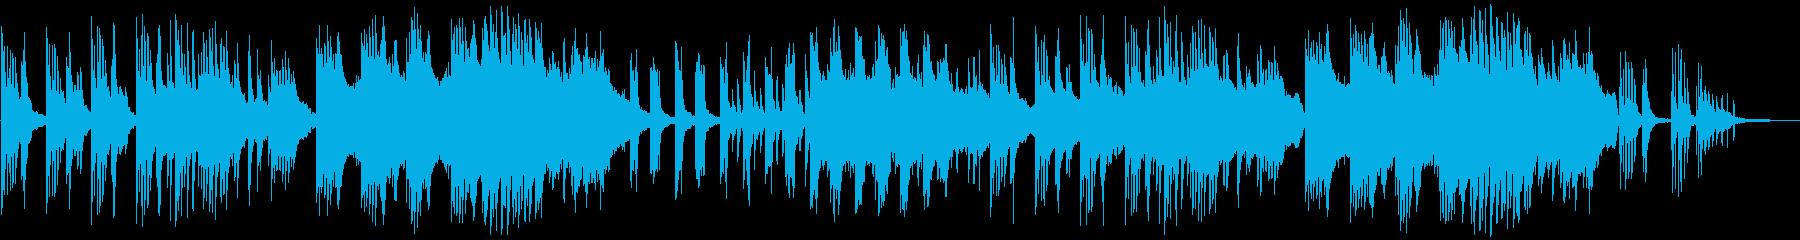 和風バラードBGM。の再生済みの波形